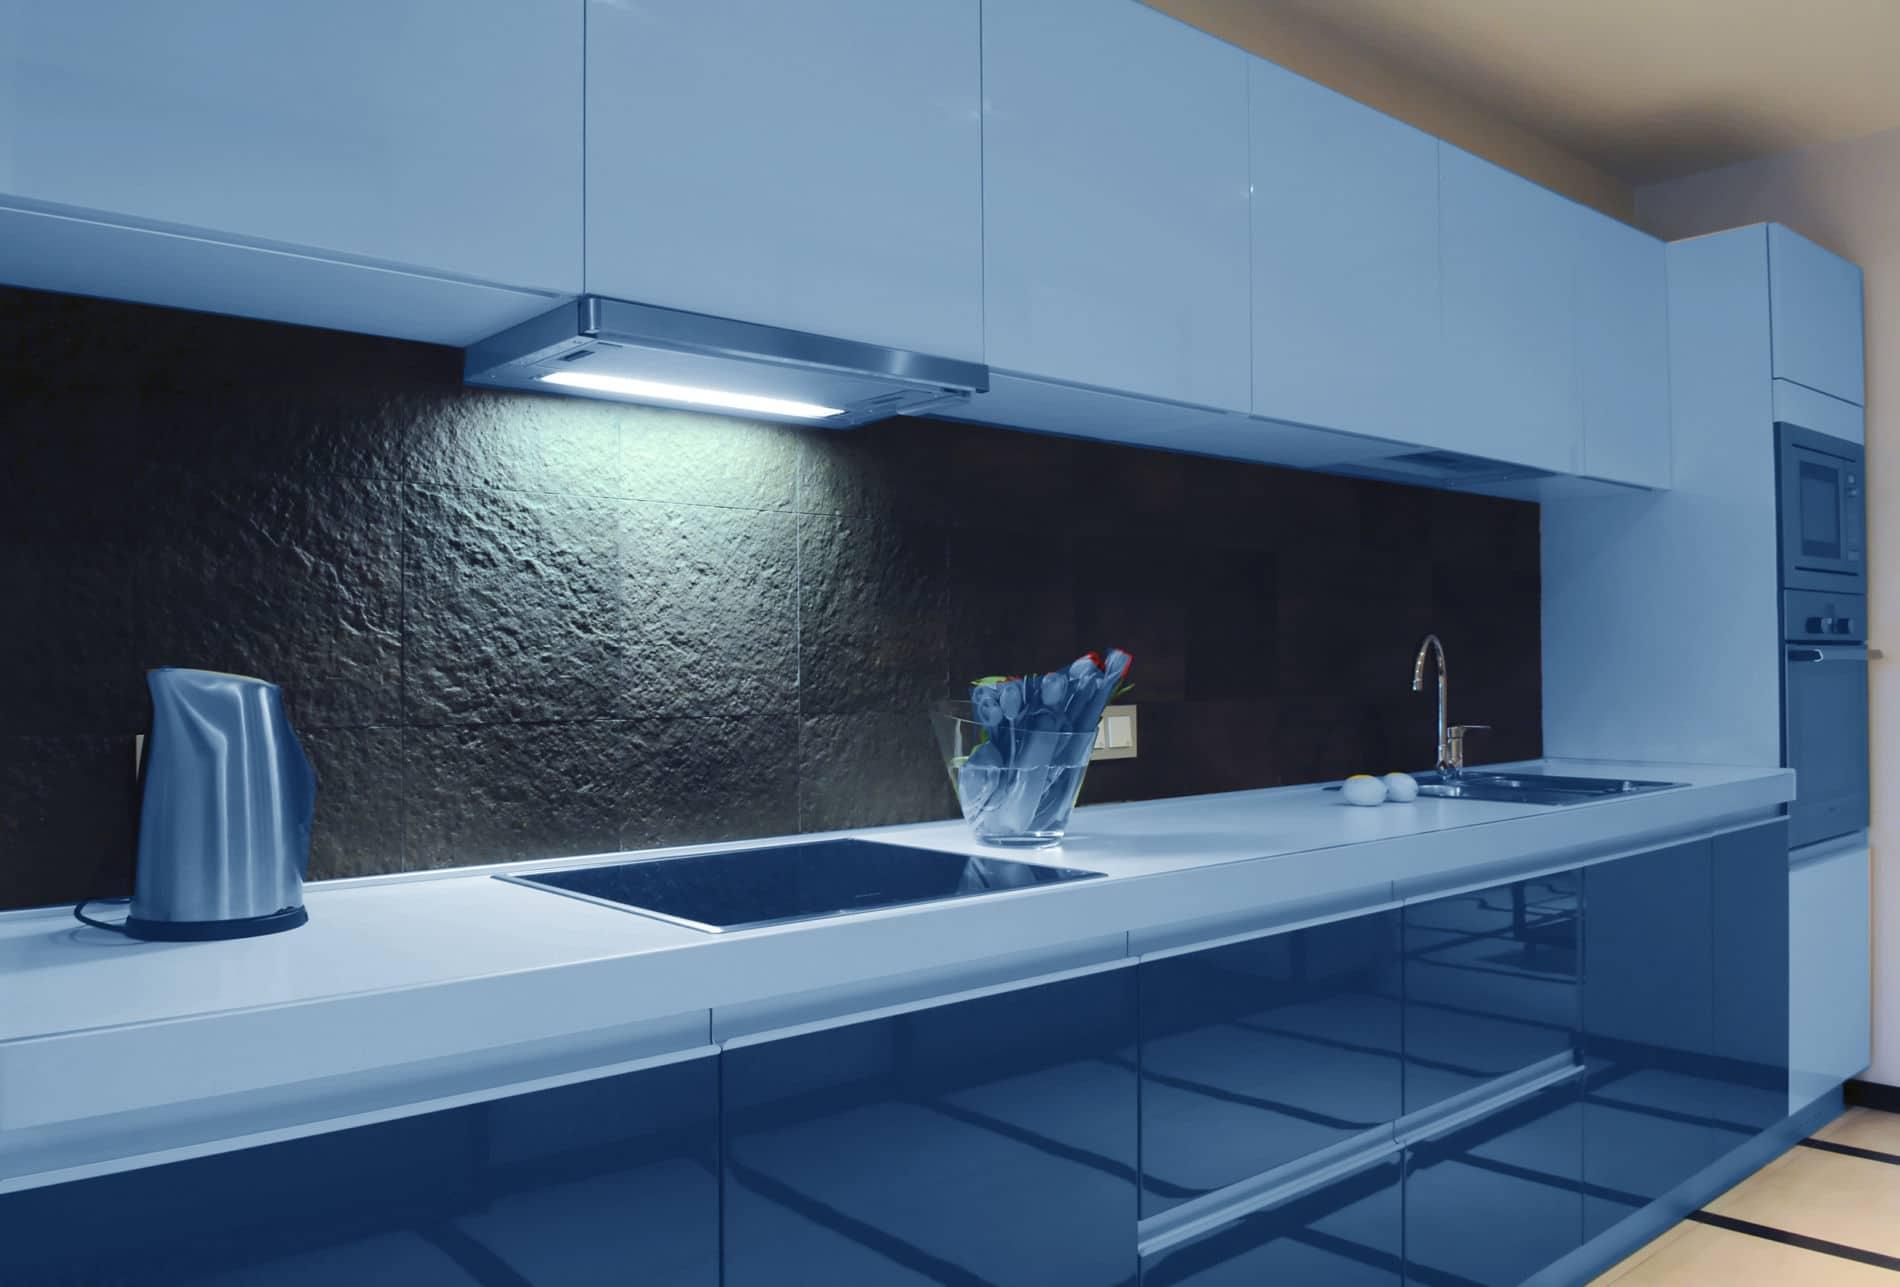 מטבחים מעץ תאורה למטבחים מתמידים עם נכונות לתת שירות מקצועי שיודעים להתאים לכל לקוח מטבחים מתאימים תוך כדי אפיון דרישות הלקוח ומסירת המטבח